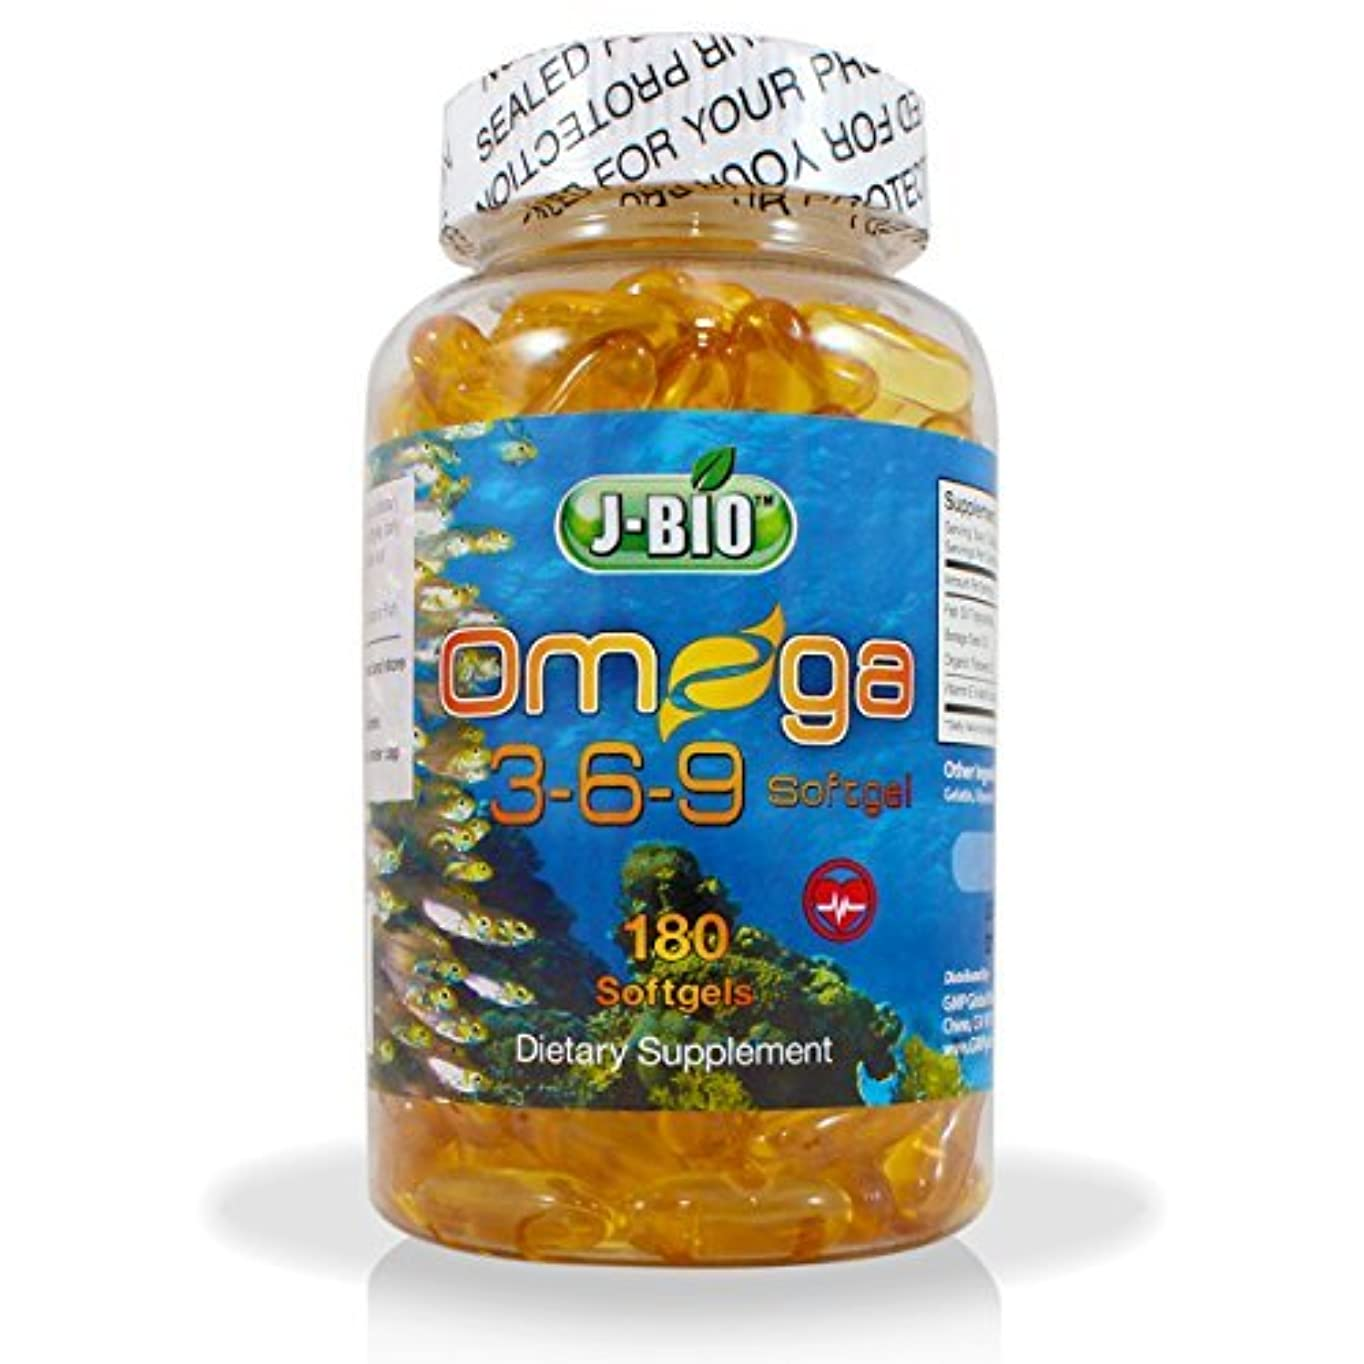 信条密接に歩くJ-BIO Omega 3-6-9 Fish Oil Pills (180 Counts) - Triple Strength Fish Oil Supplement (800mg Fish oil Triglycerides...